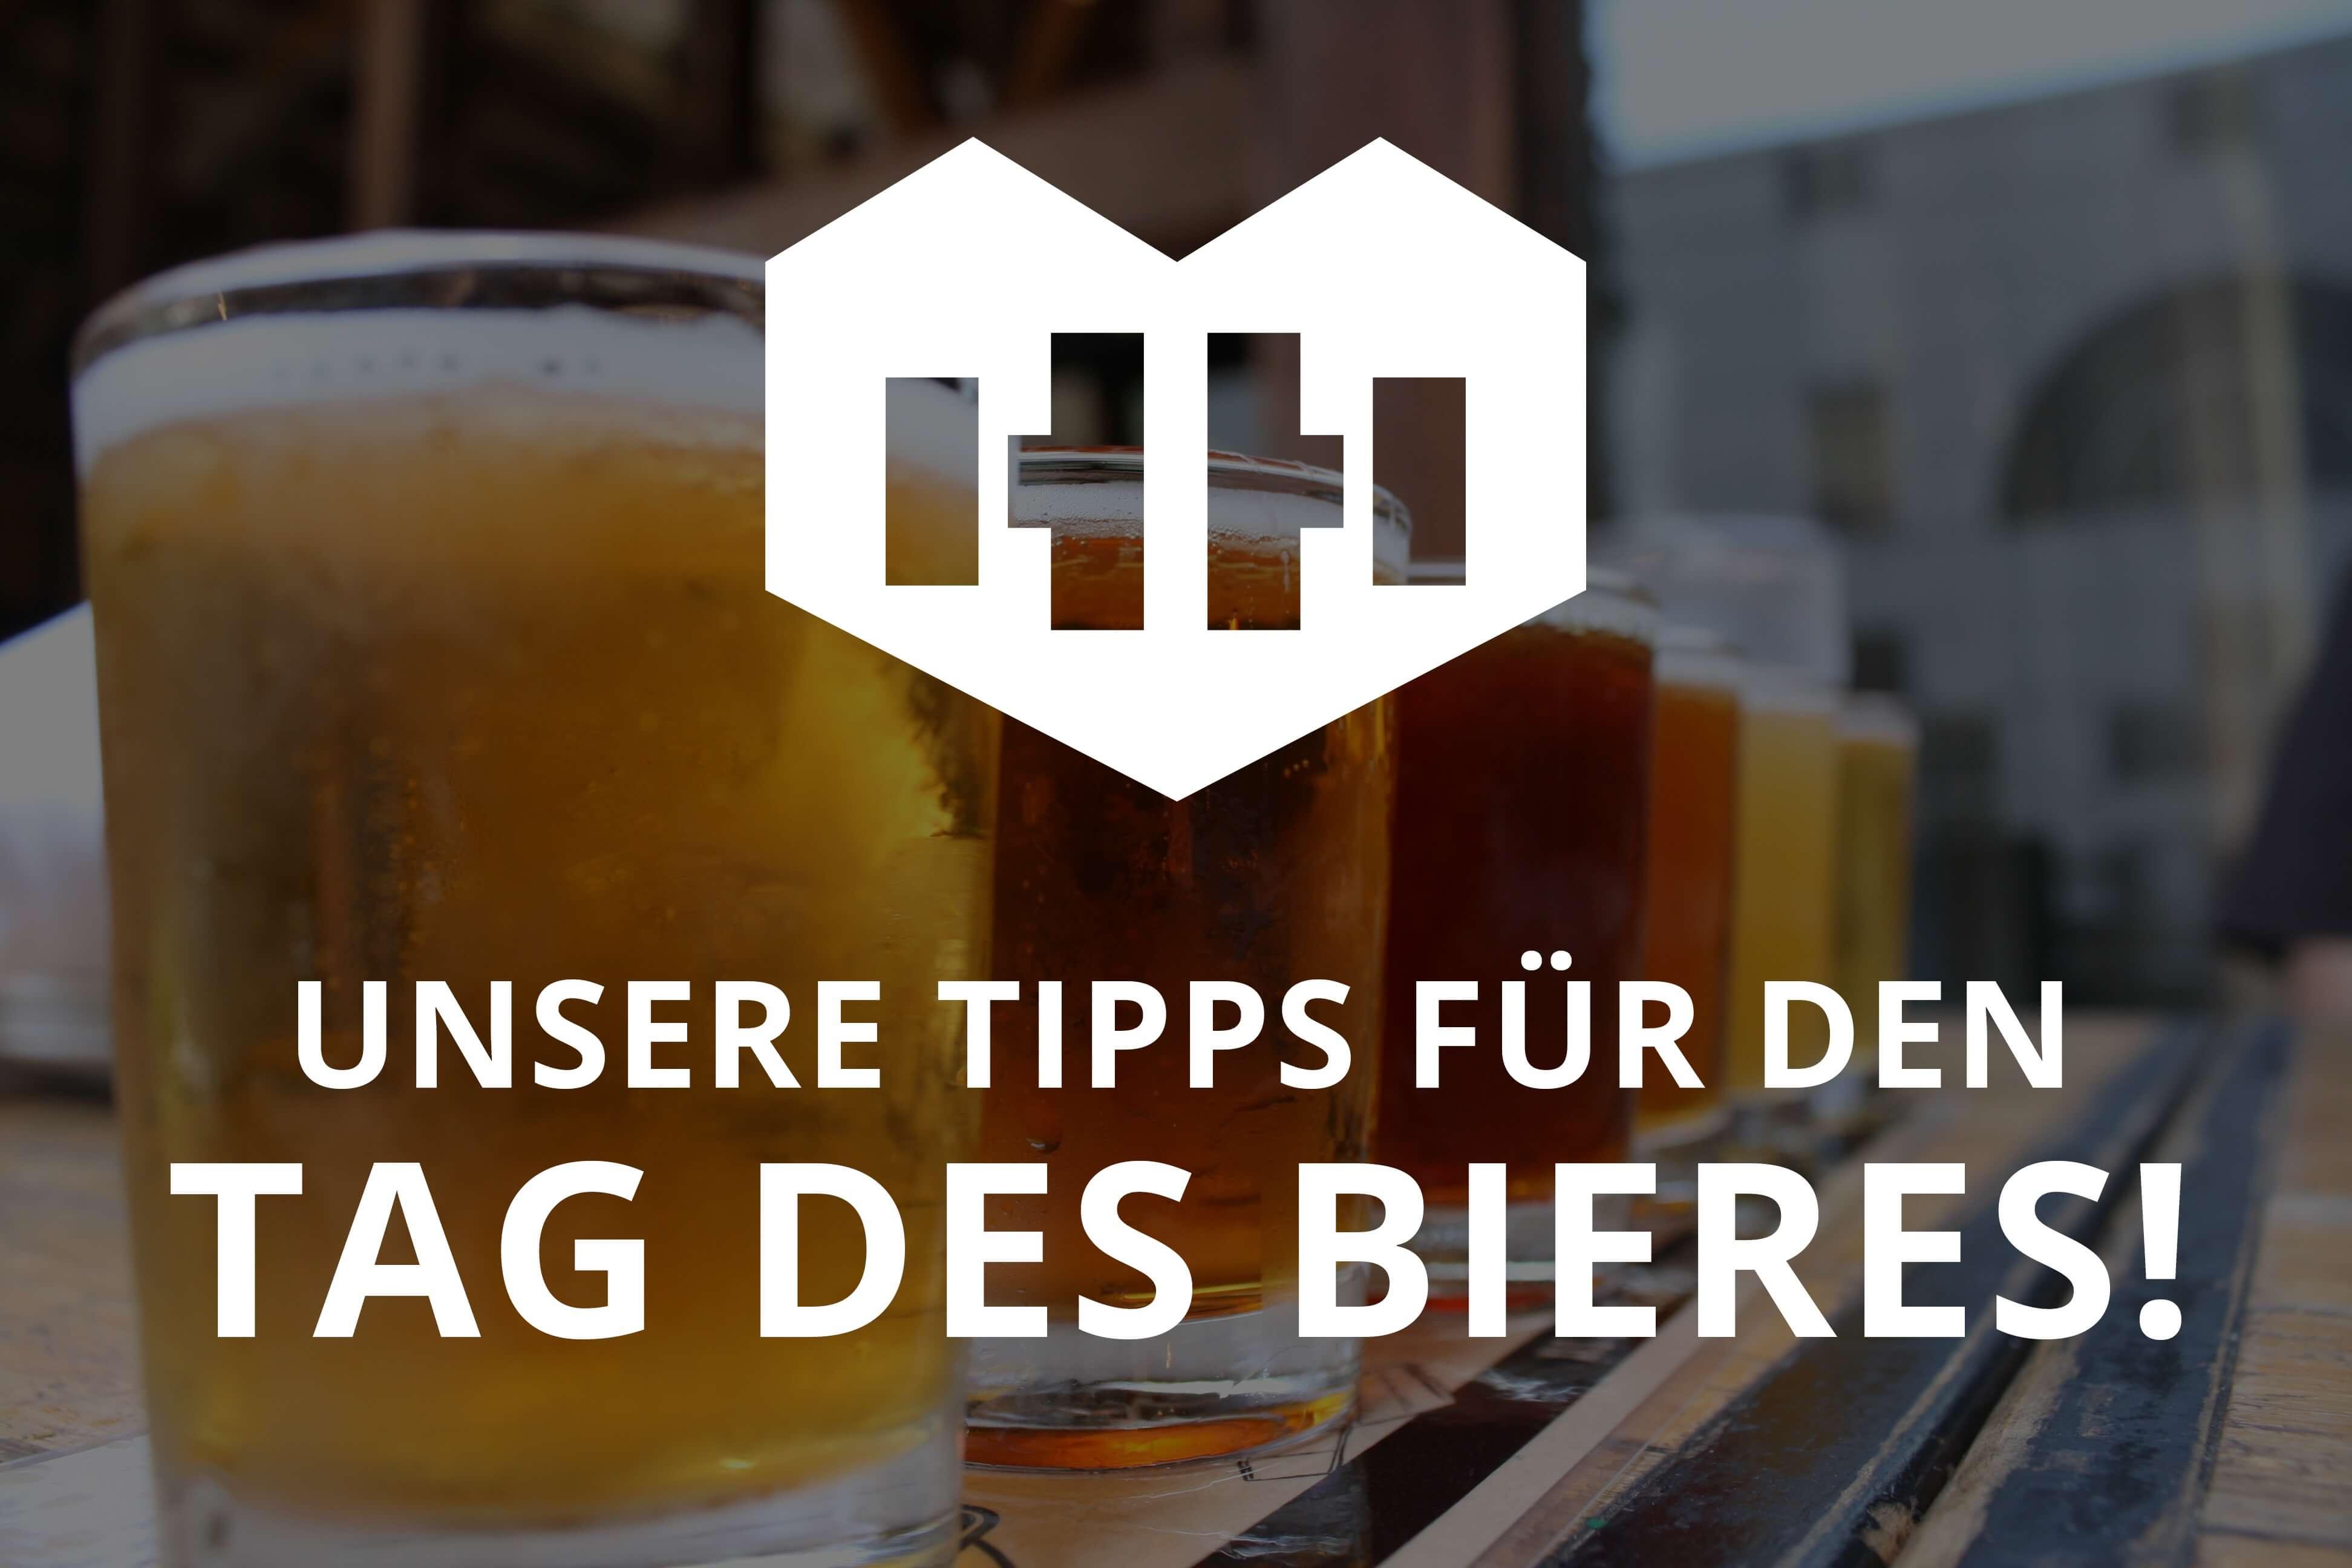 """Heute ist der """"Tag des Bieres"""" und wir sagen dir, wo du deinen Bierhorizont erweitern kannst! Prost! 🍻"""